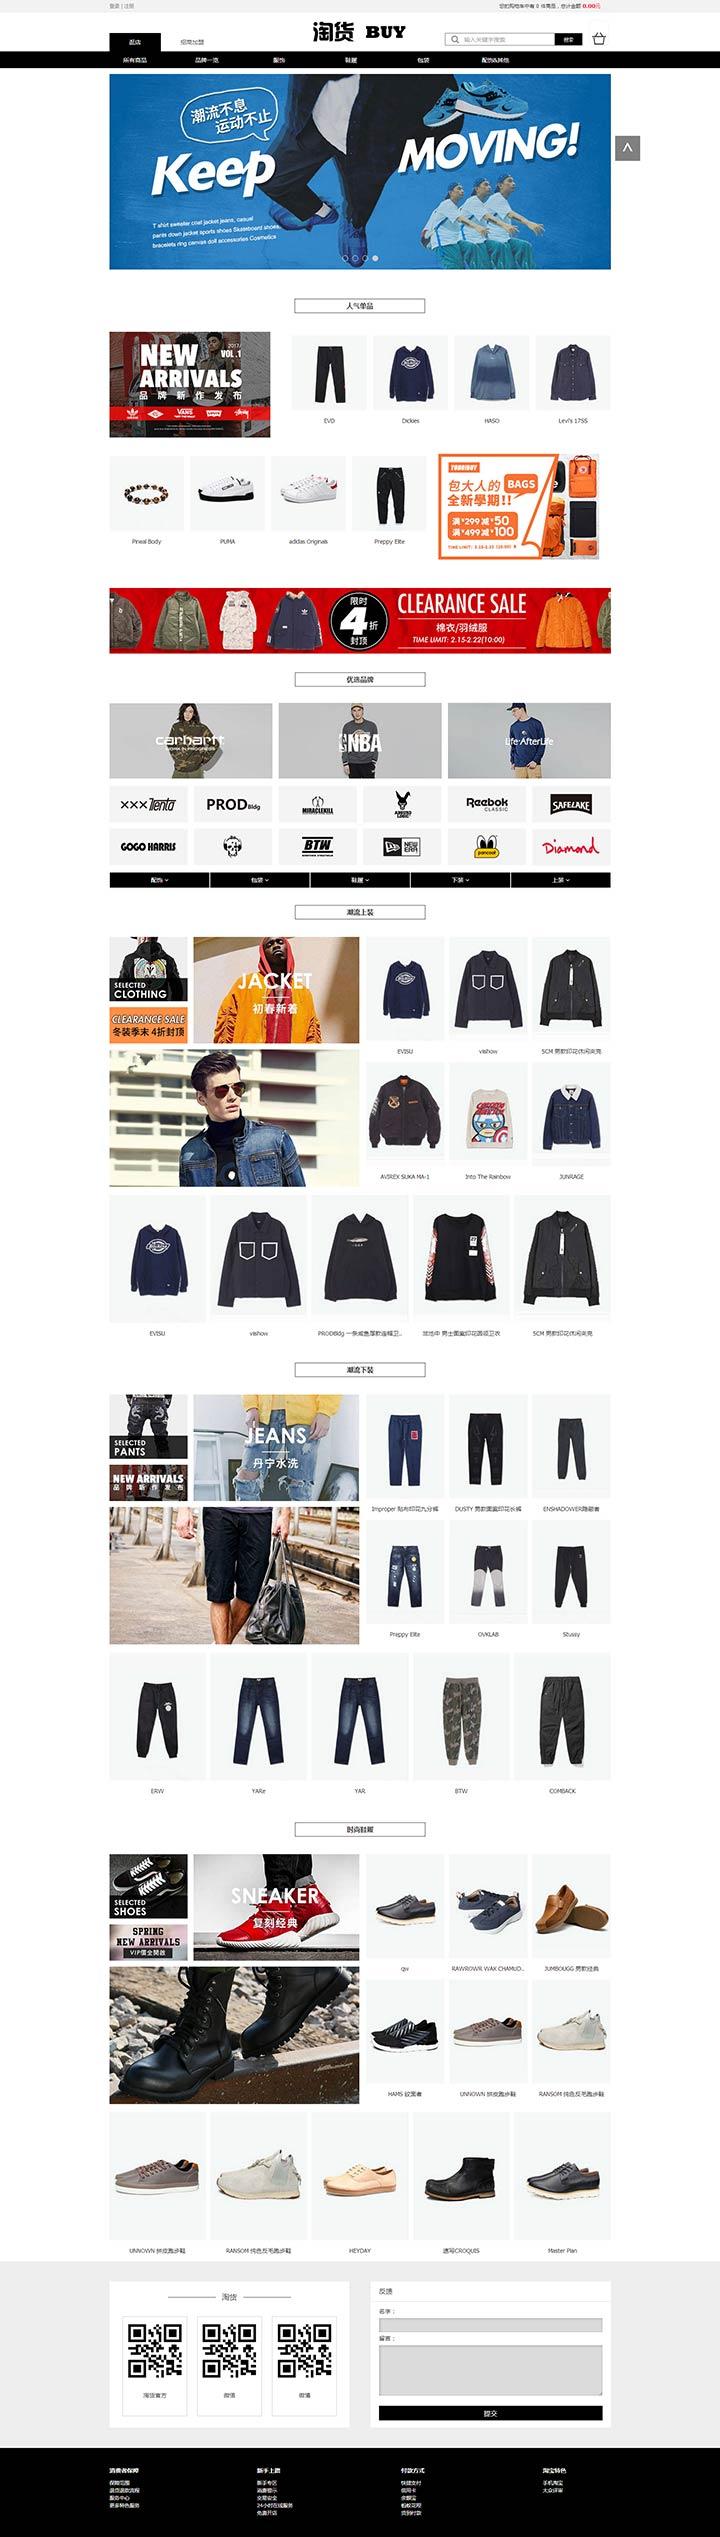 淘货商城购物网站模板